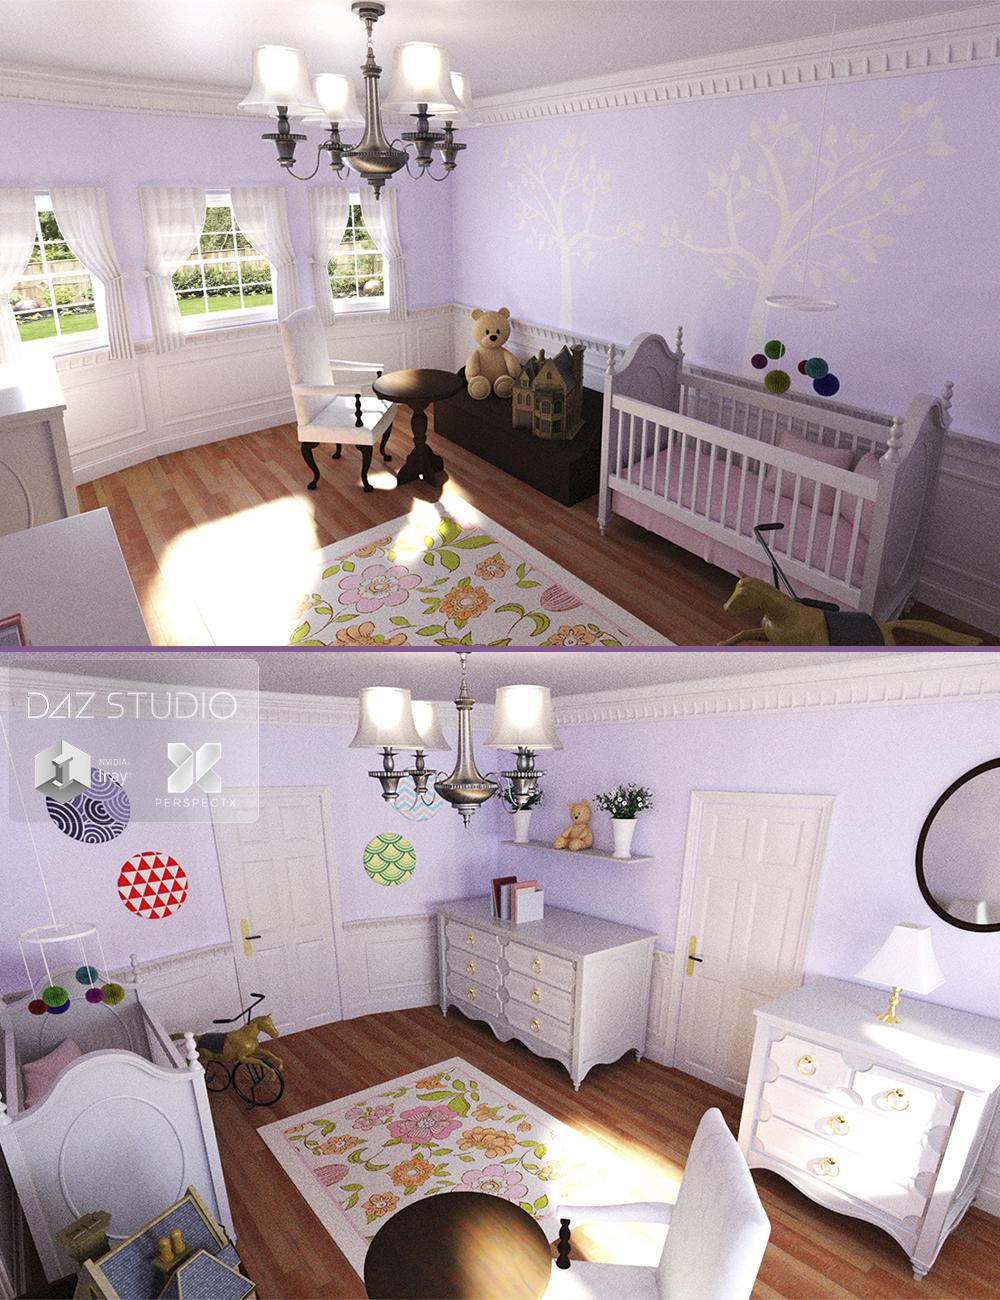 Nursery Room by: PerspectX, 3D Models by Daz 3D